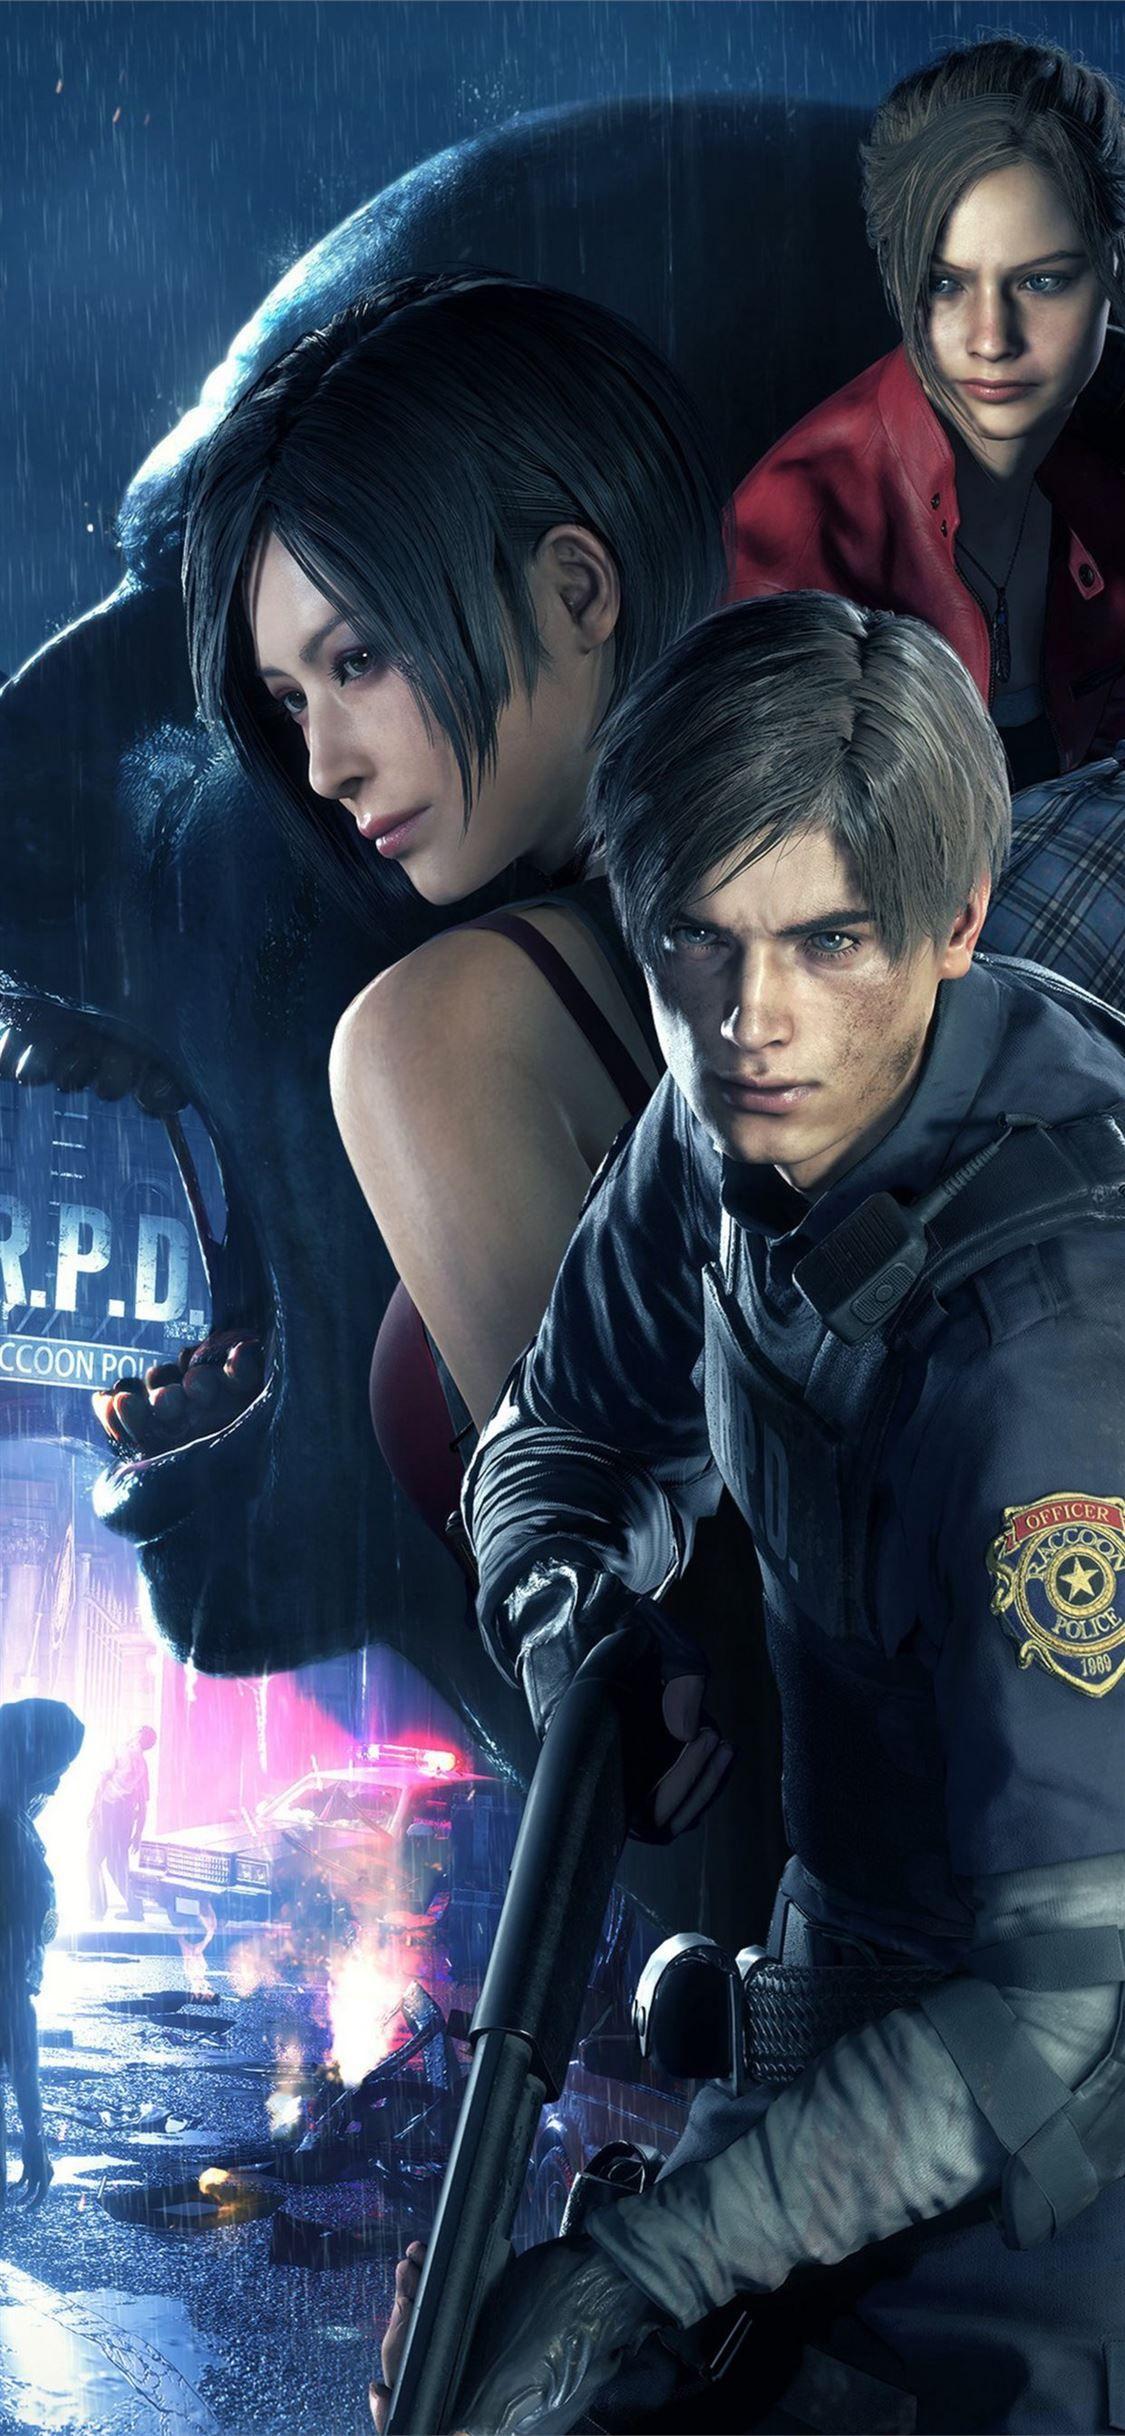 Resident Evil 2 4k Residentevil2 2020games Games 4k Iphone11wallpaper Resident Evil Anime Resident Evil Resident Evil Leon